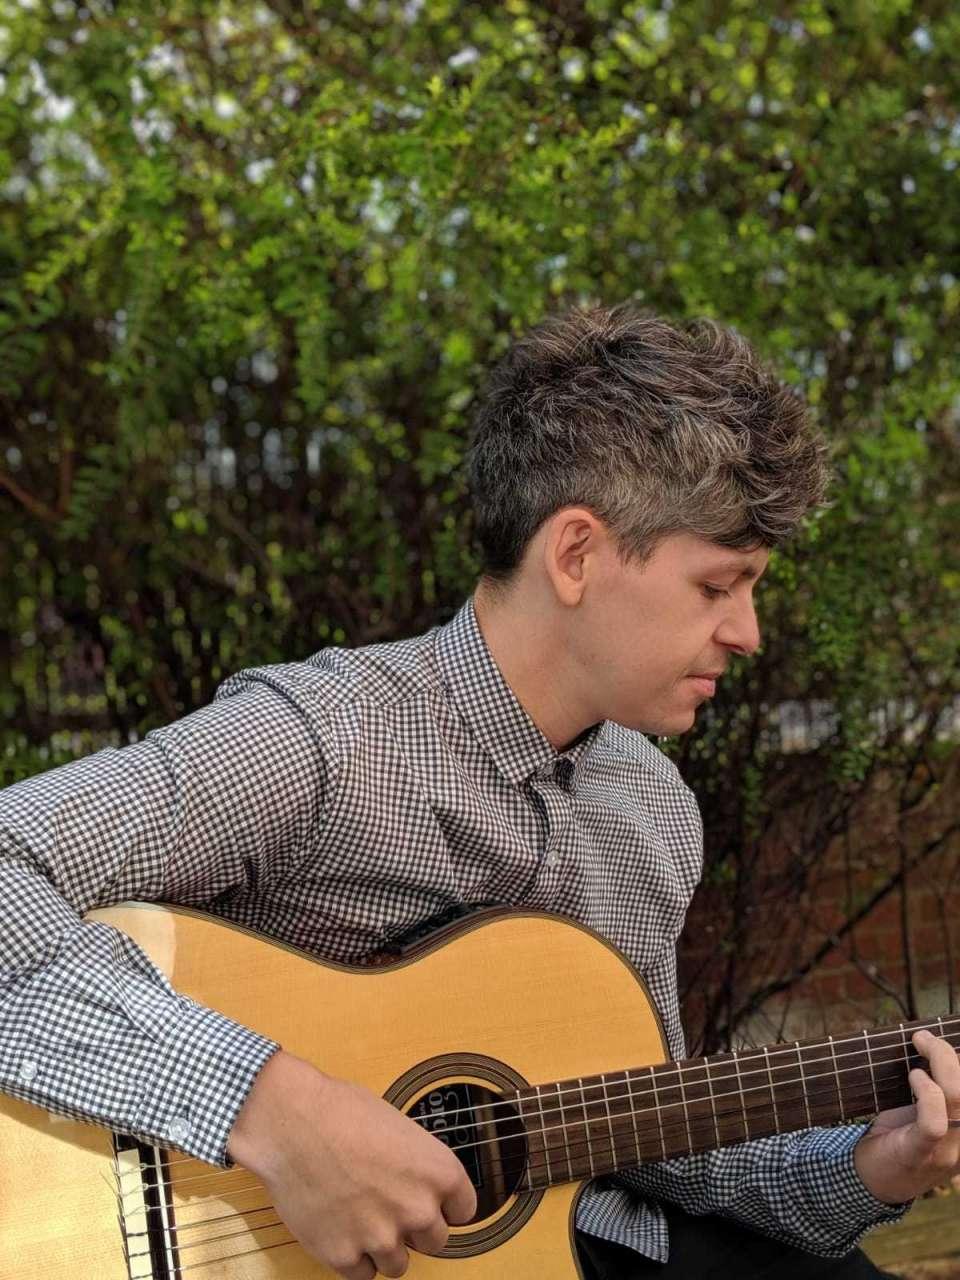 Danny A wedding guitar Liverpool